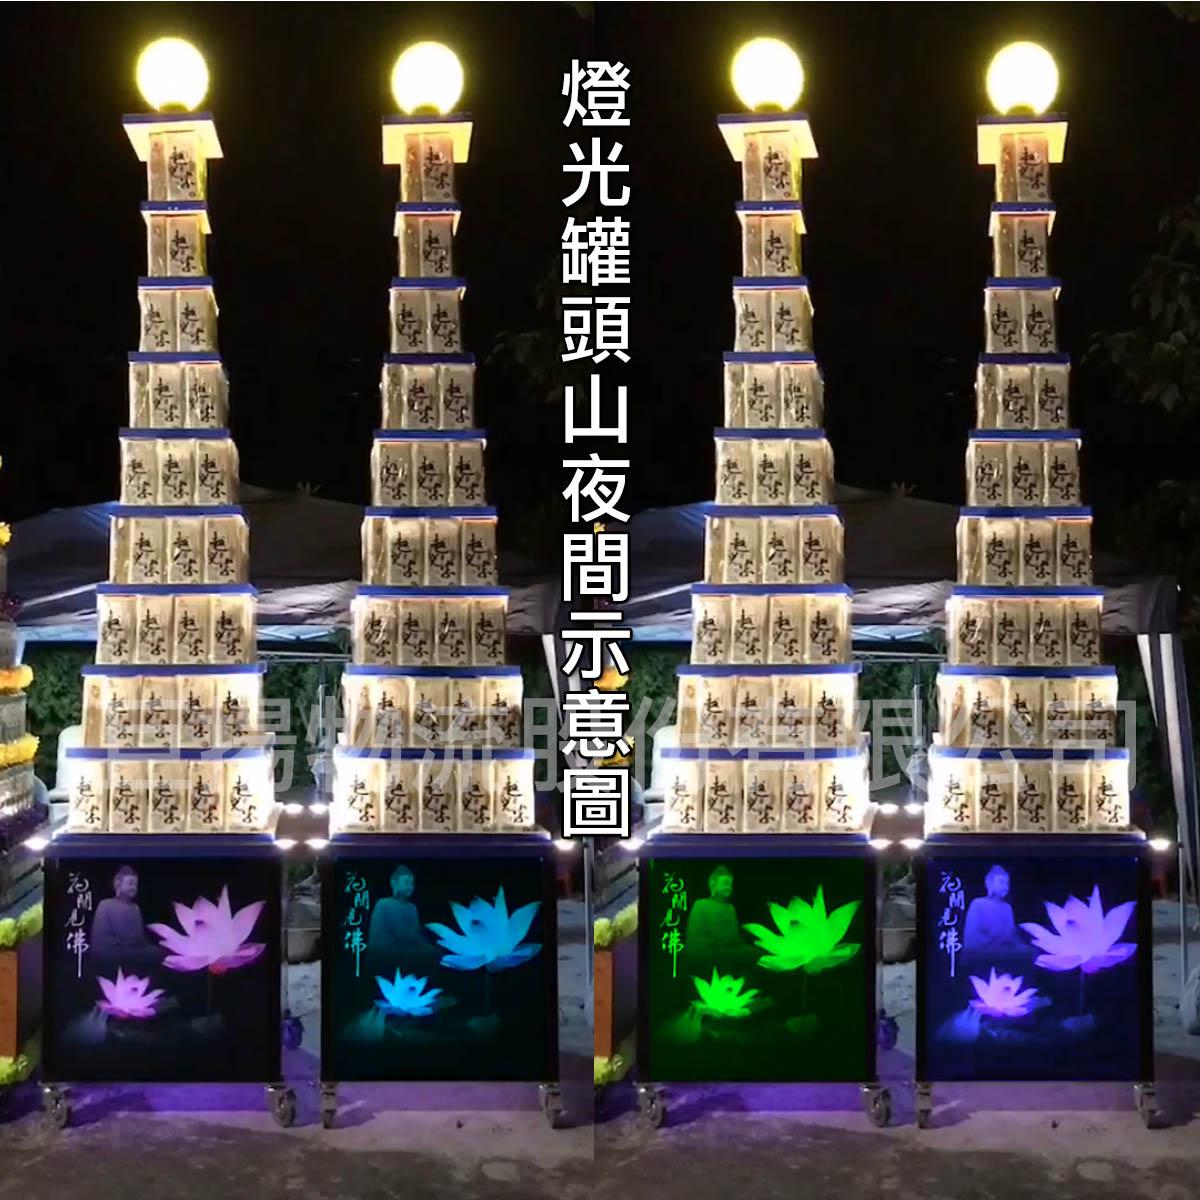 七層一般飲料燈光罐頭山蓮花led燈光柱2